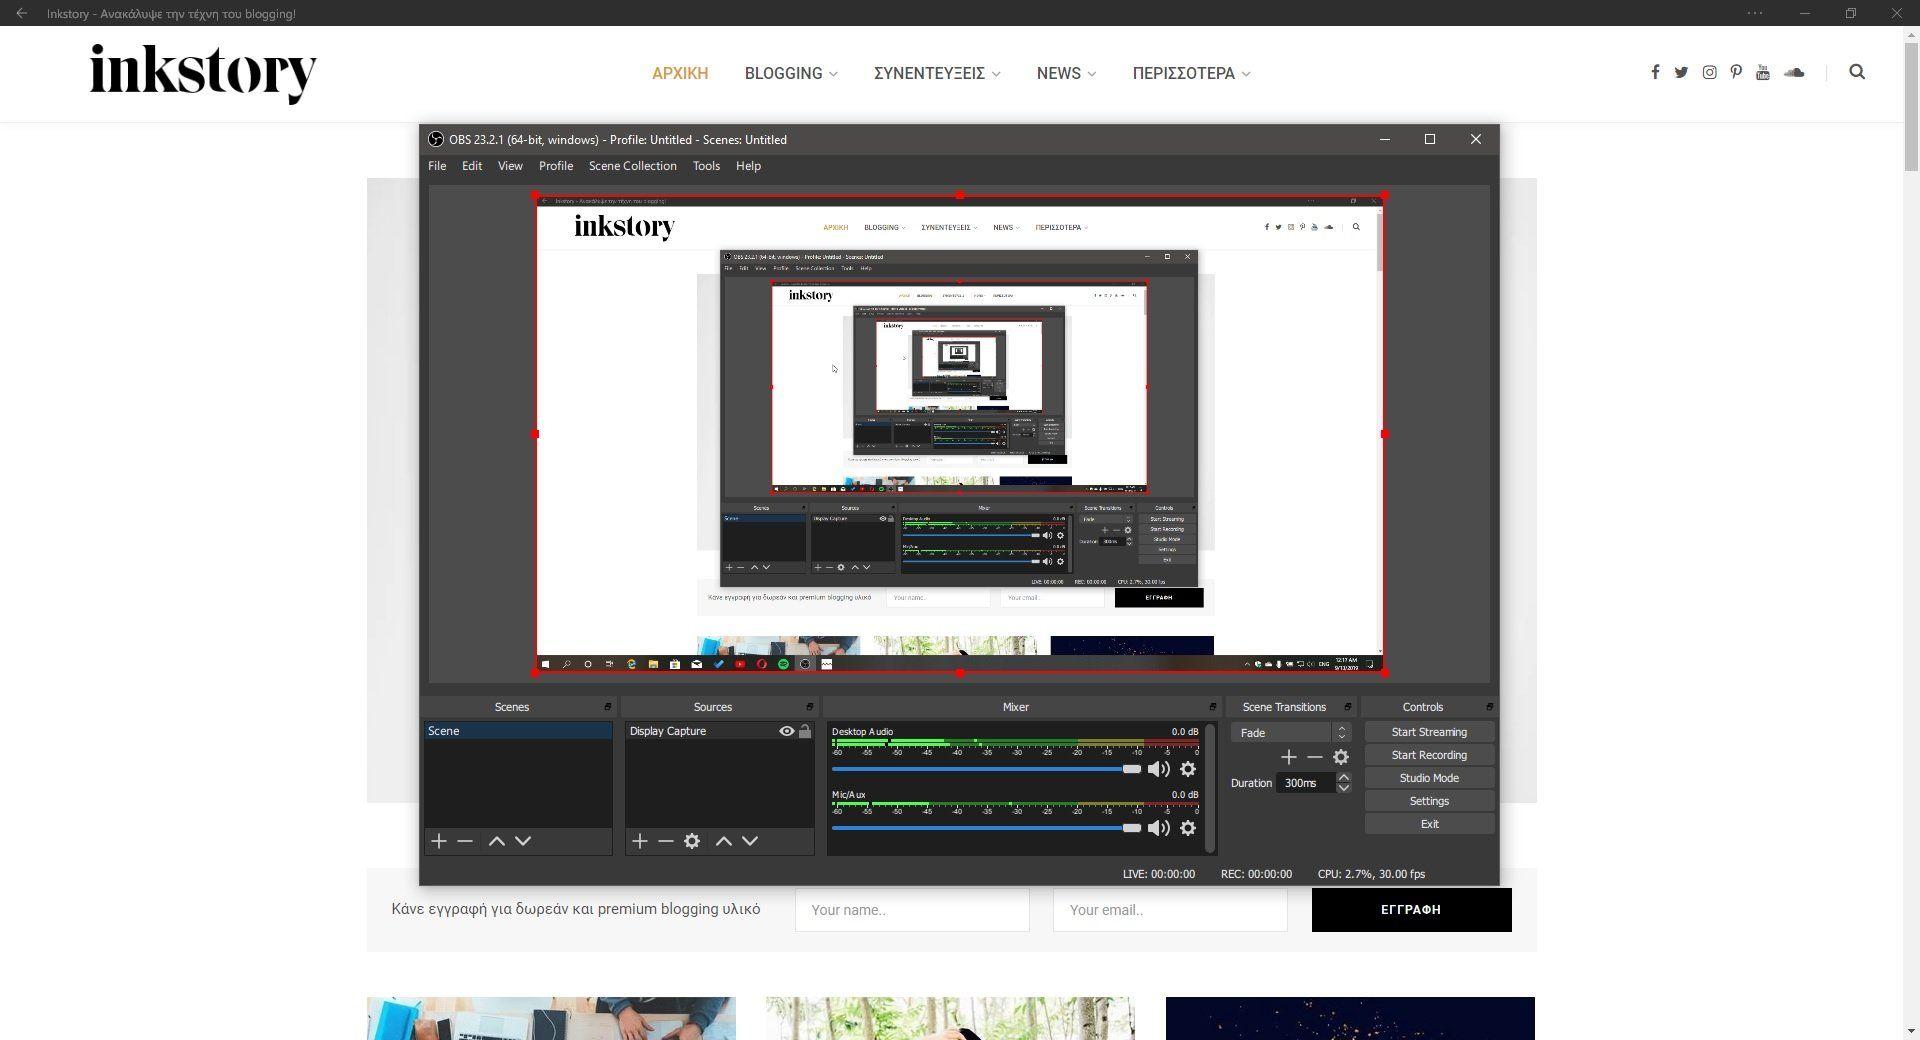 Επεξεργασία βίντεο για το YouTube: OBS Studio